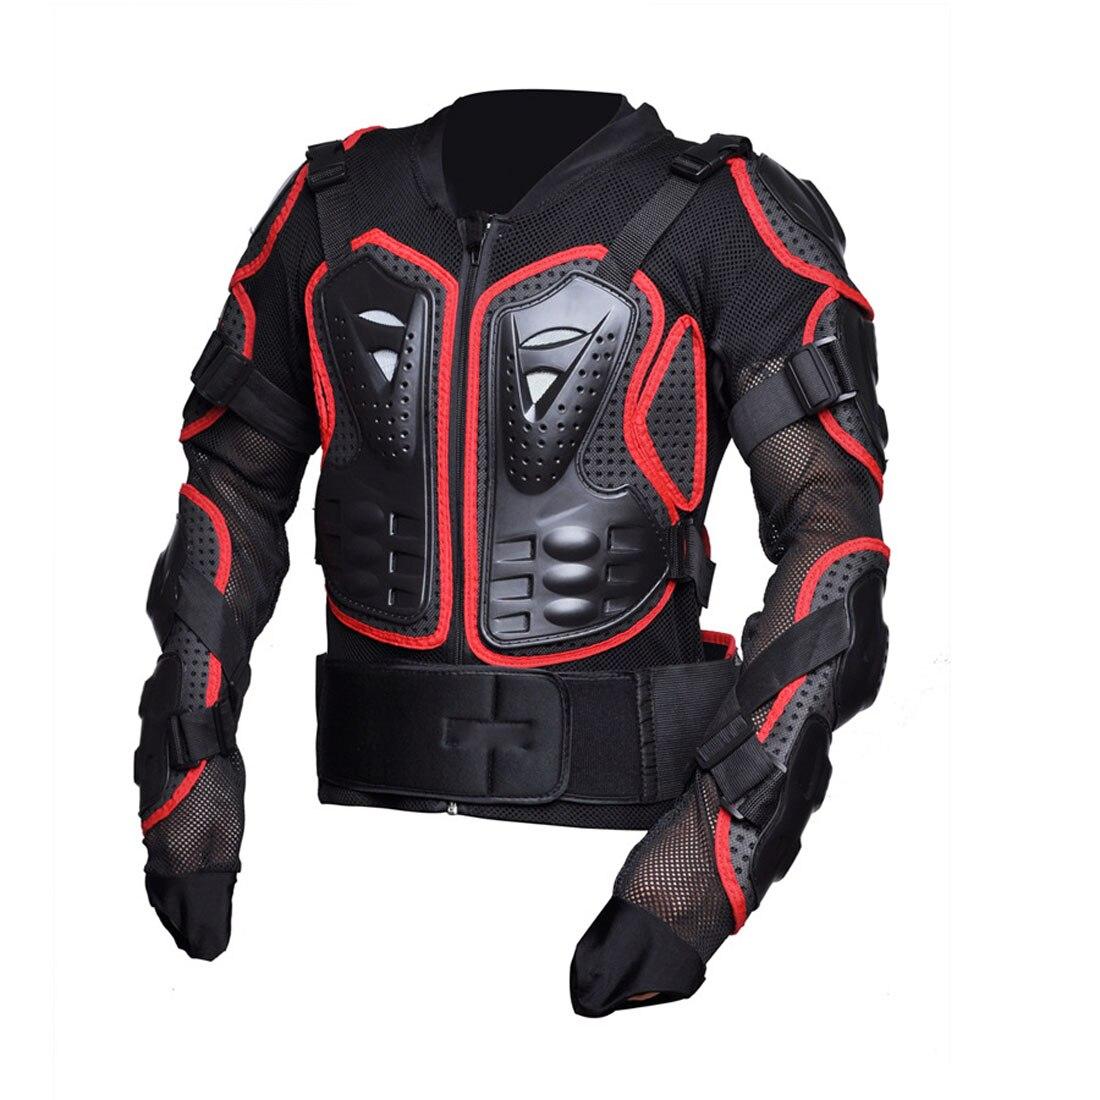 Dongzhen moto veste moto armure Protection Motocross vêtements veste croix dos/rouge armure protecteur course Automobile - 3